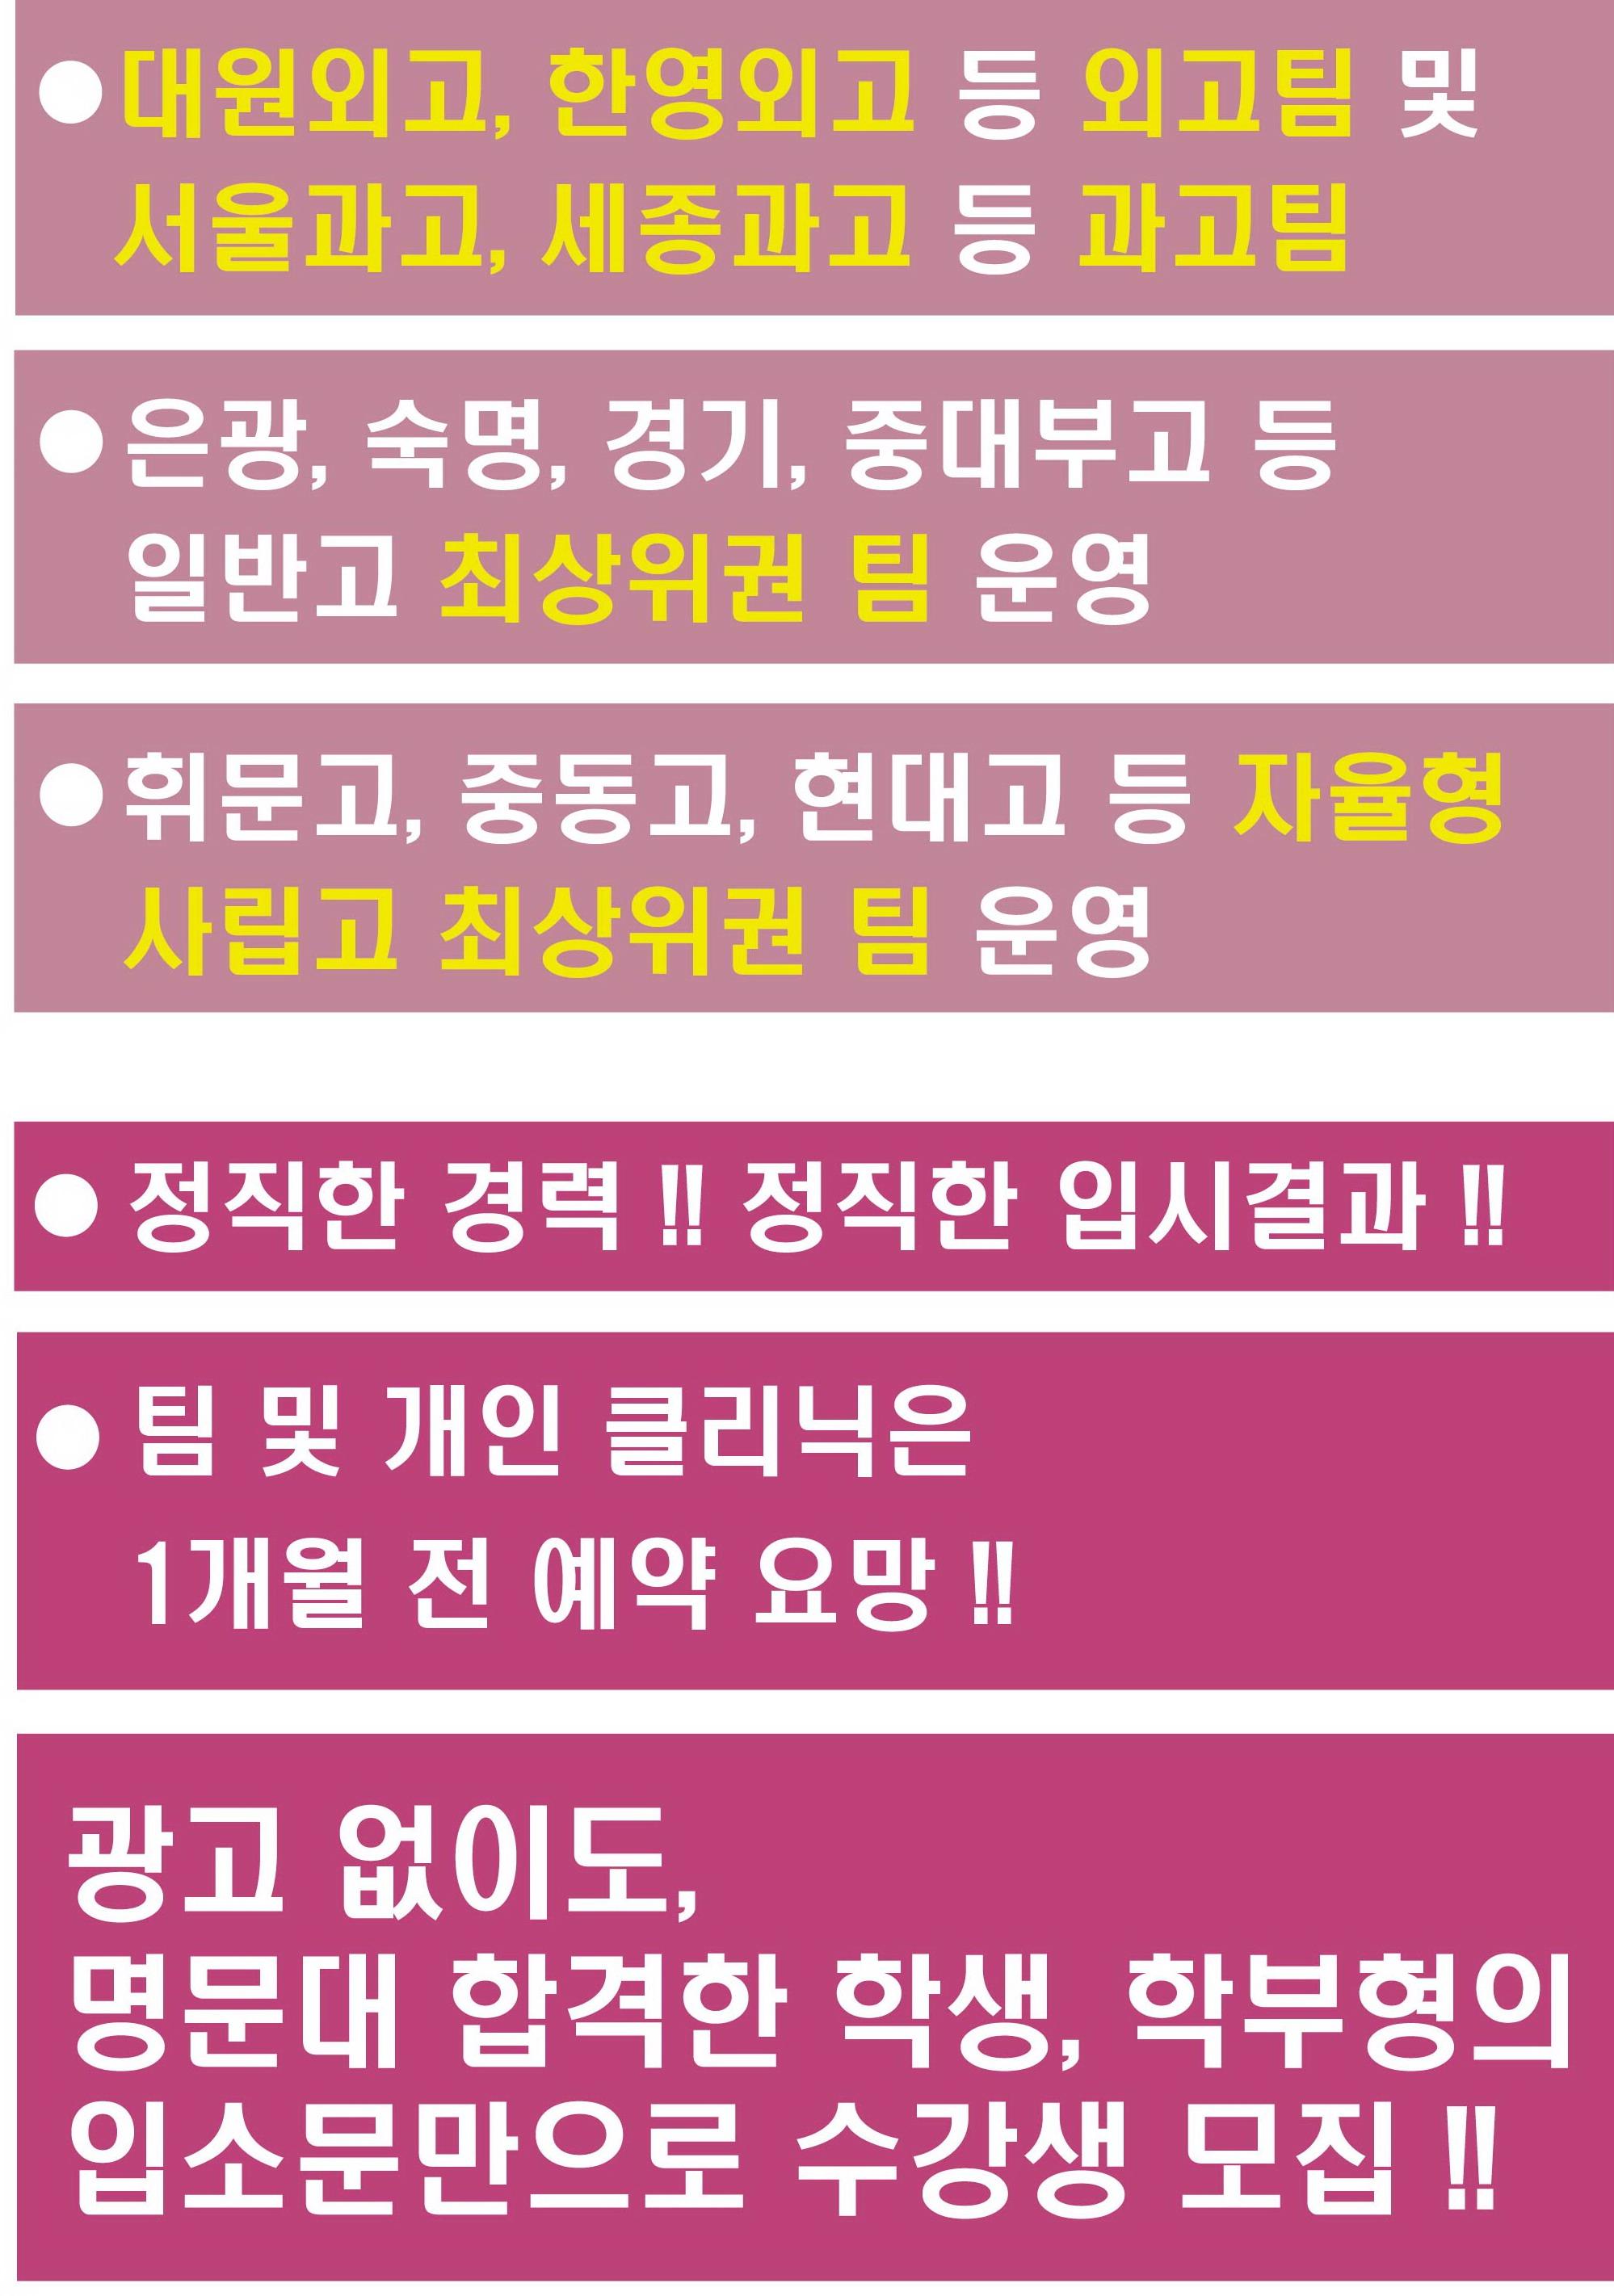 11_대원외고팀.jpg